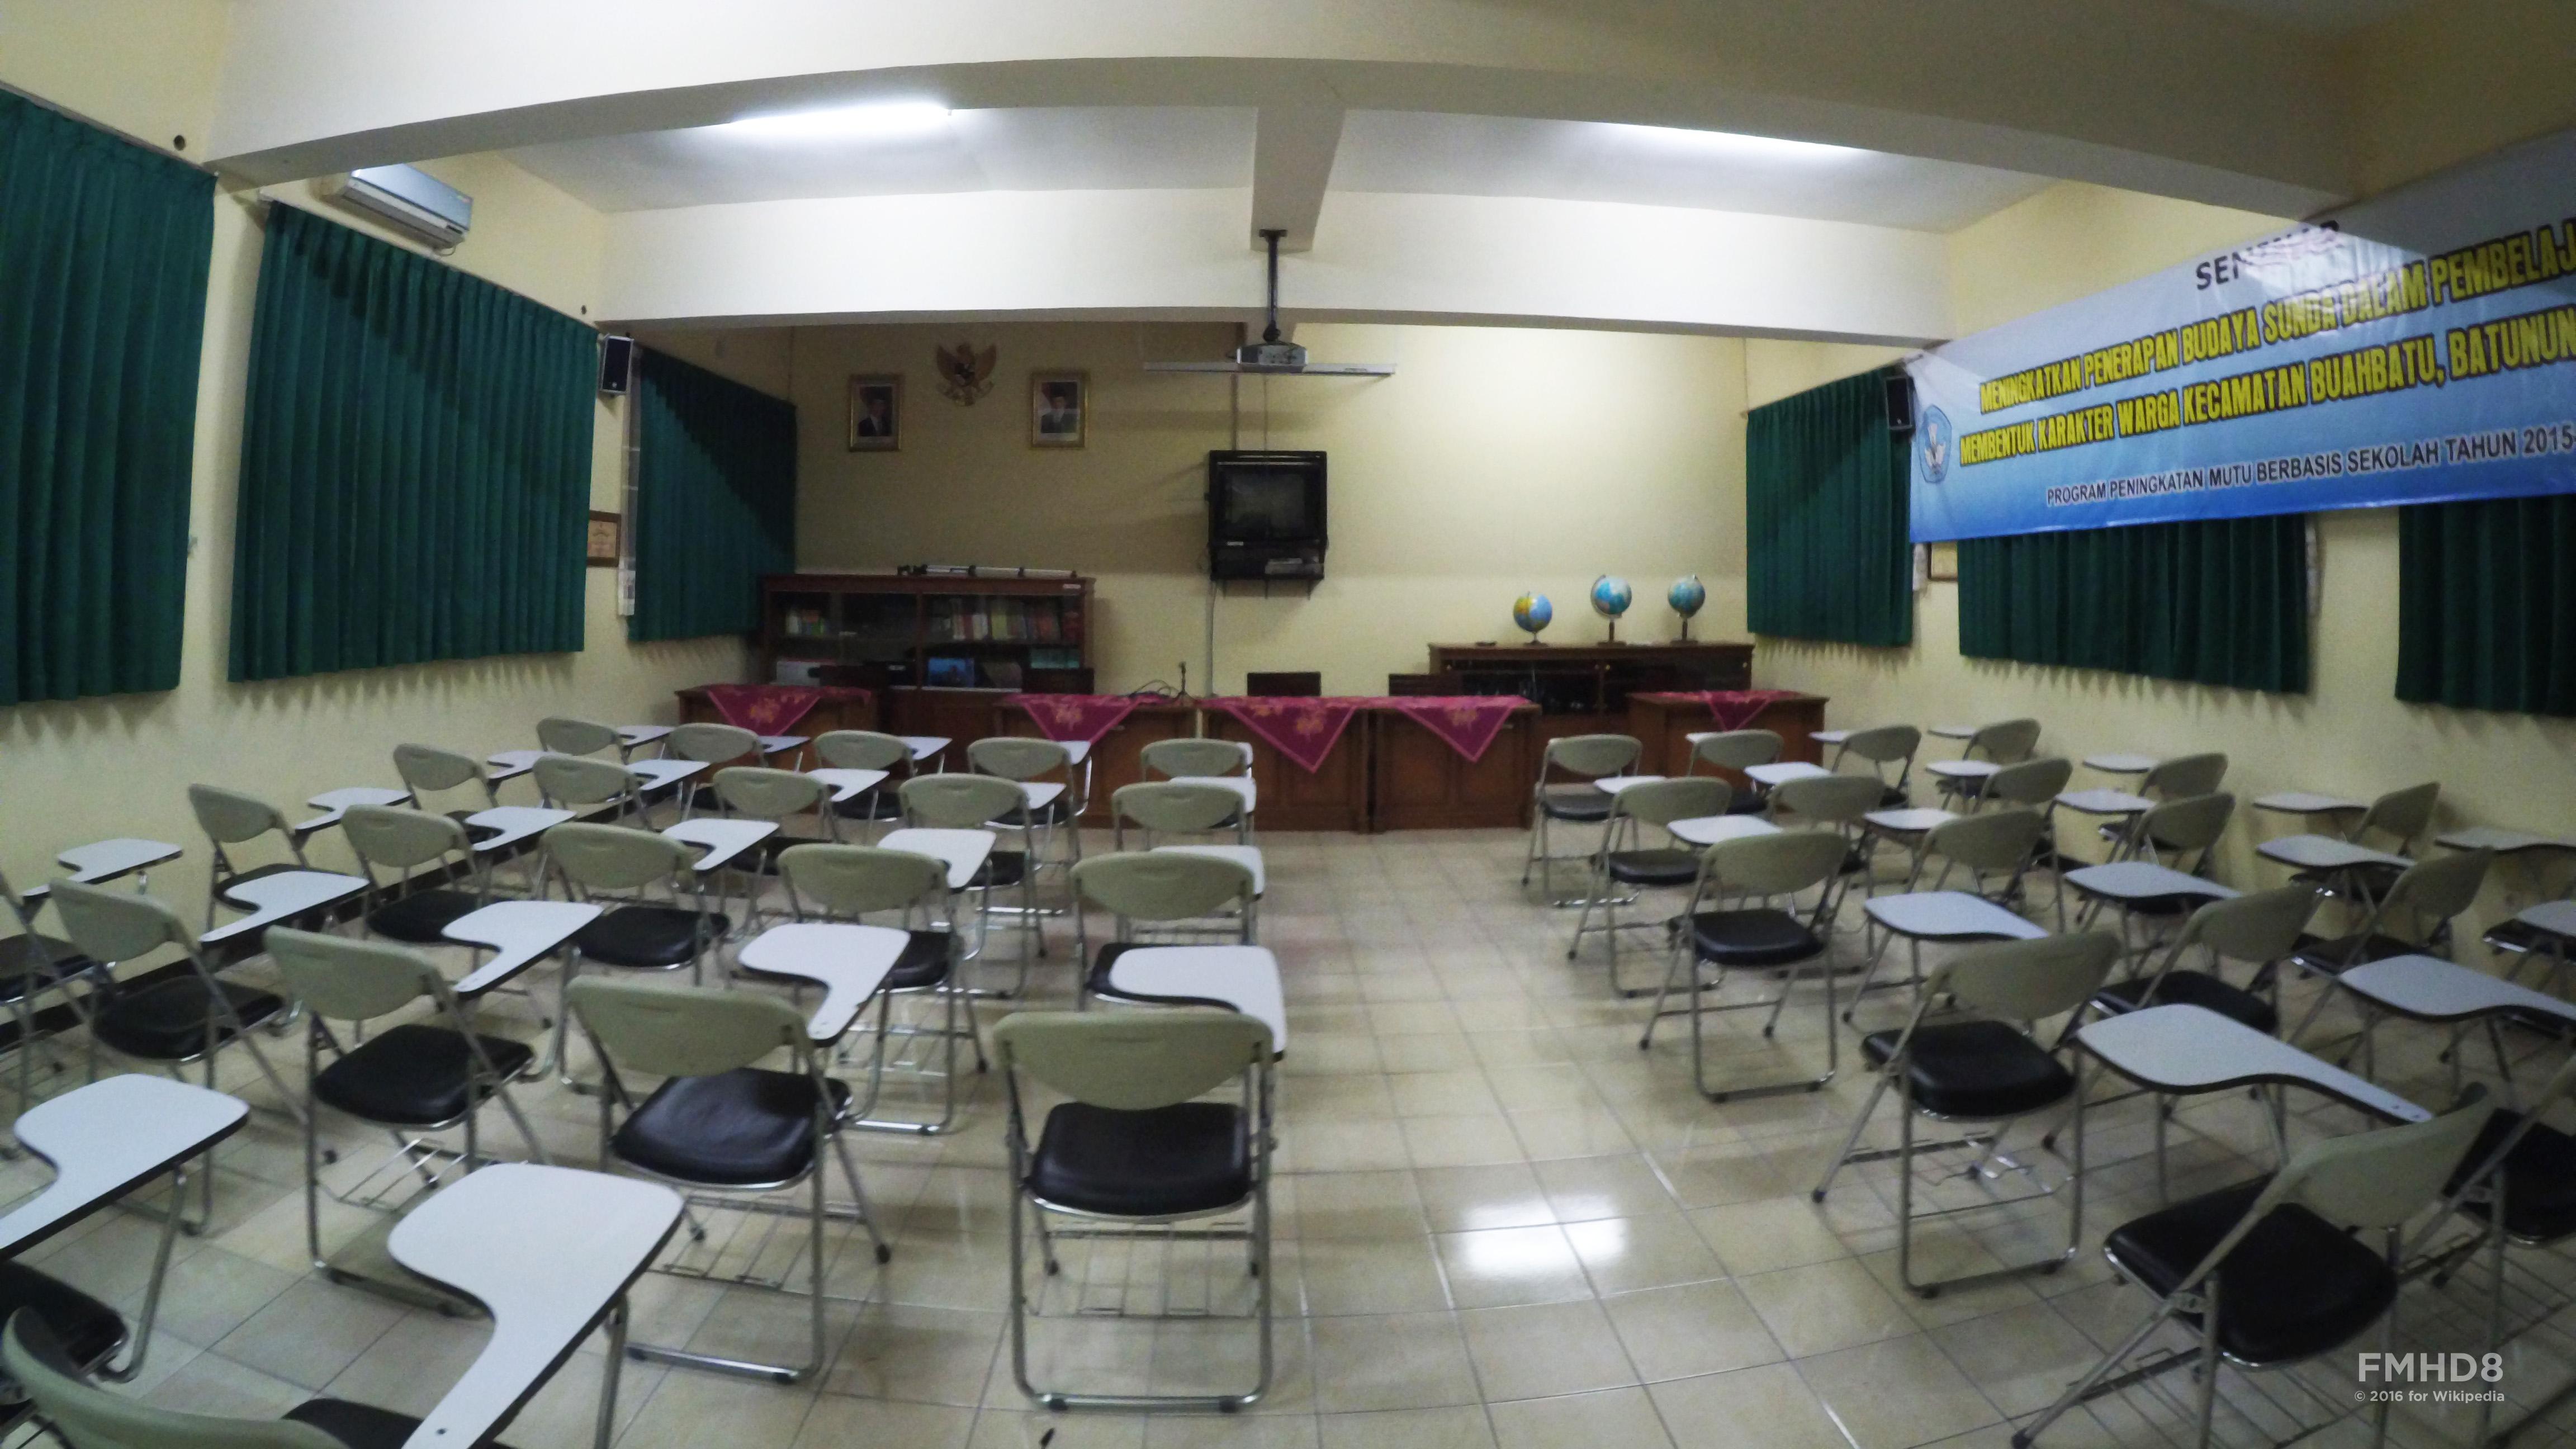 Gambar Denah Ruang Kelas Smp